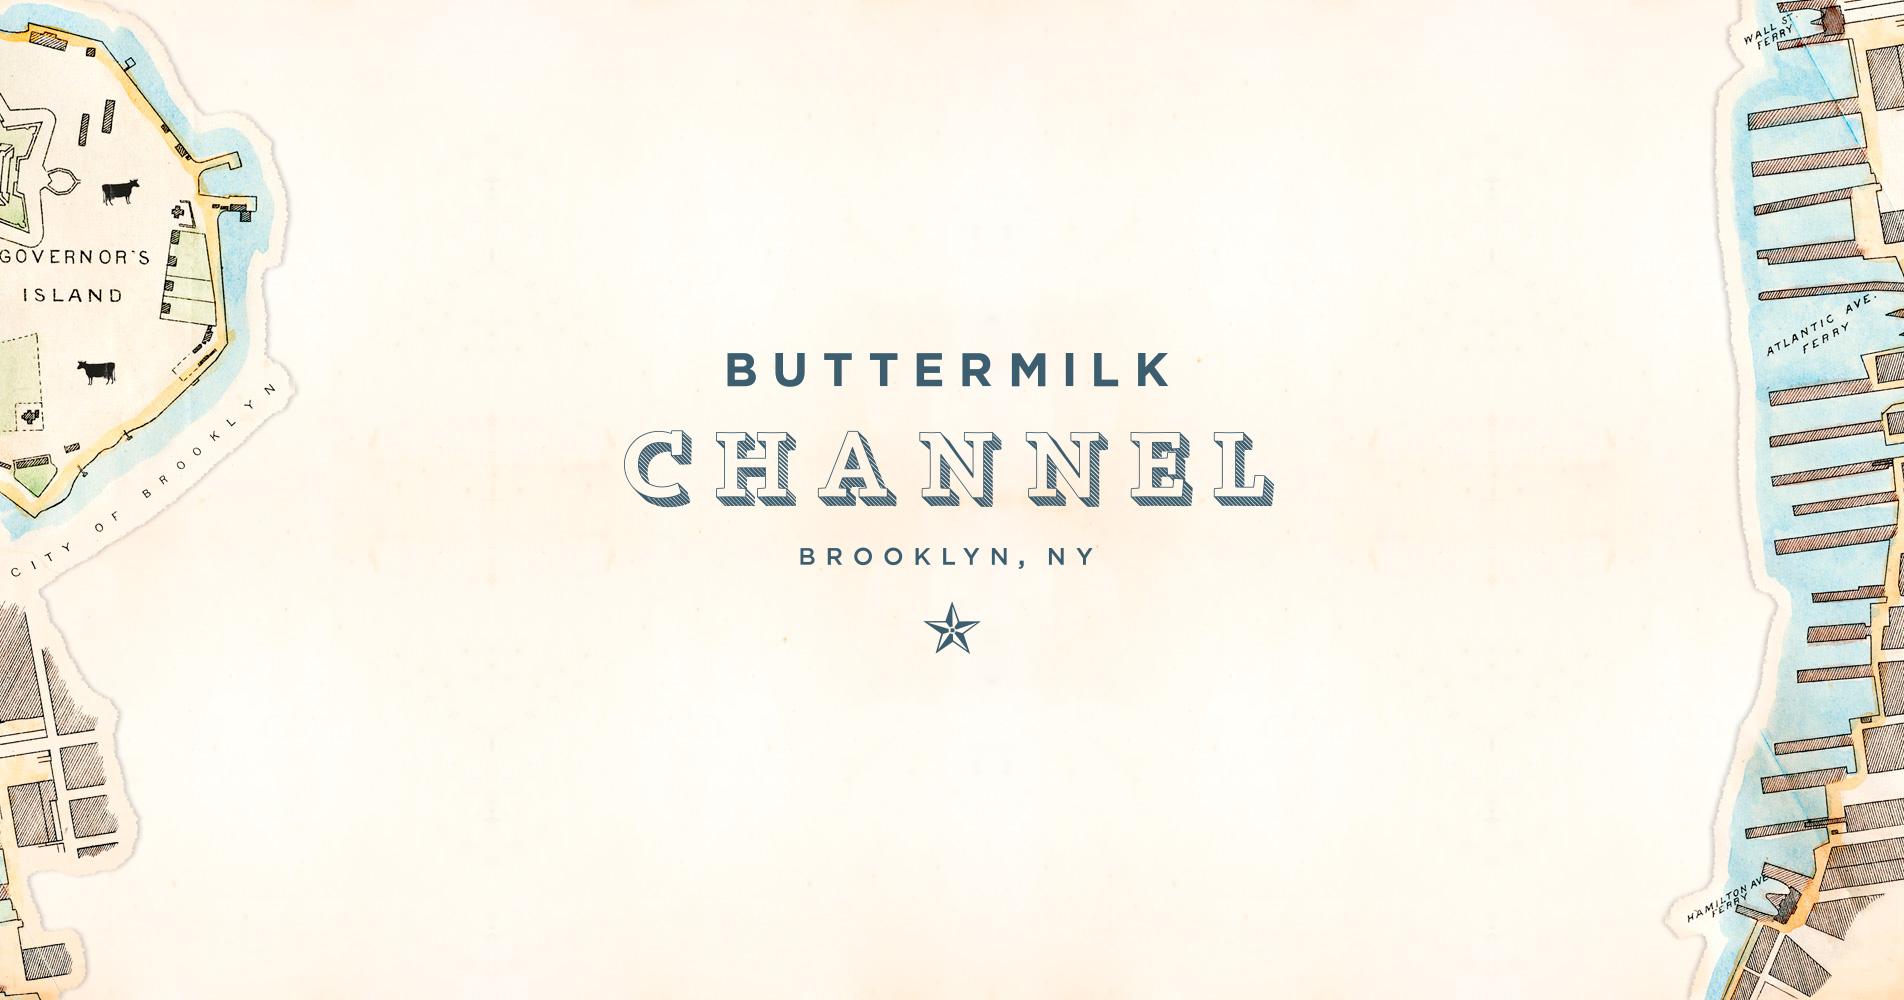 バターミルクチャネル|BUTTERMILK CHANNEL